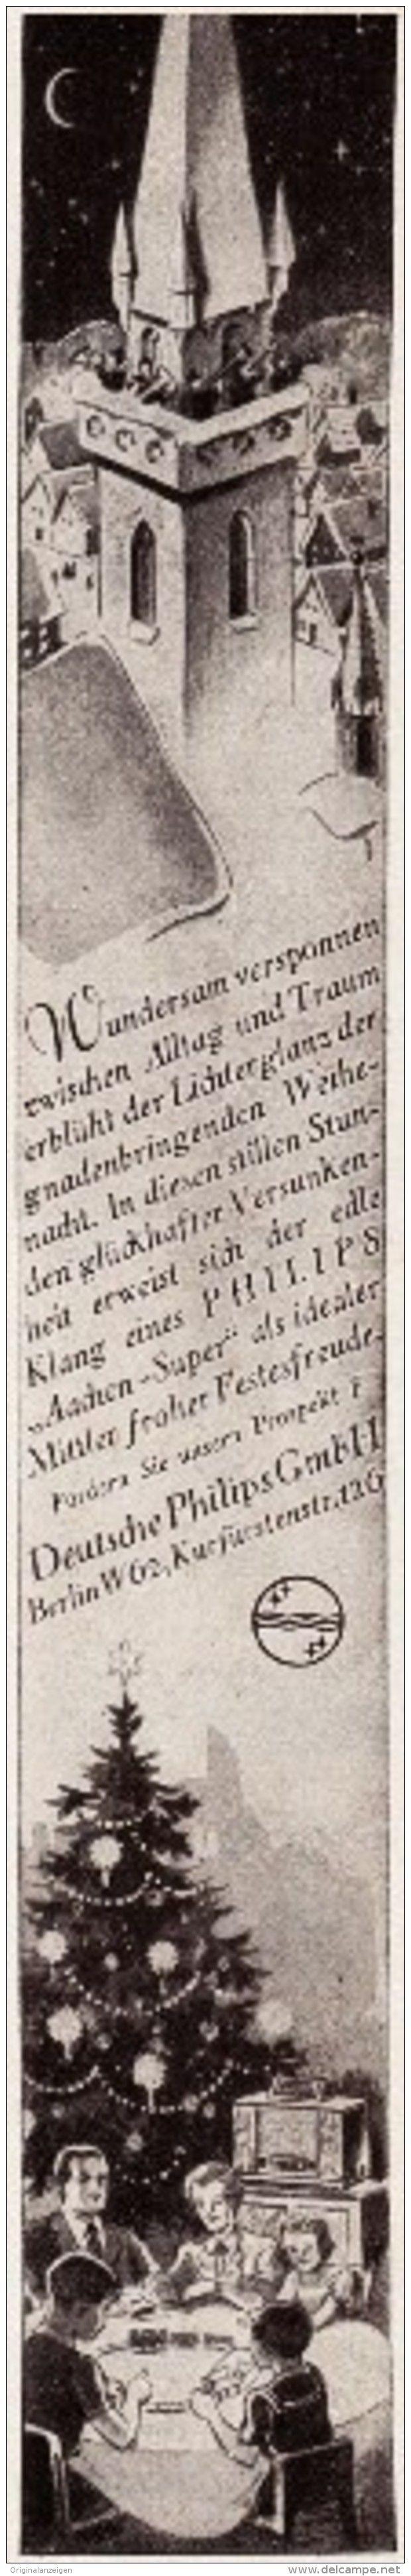 Original-Werbung/ Anzeige 1934 - PHILIPS AACHEN - SUPER RADIO - ca. 30 x 220 mm